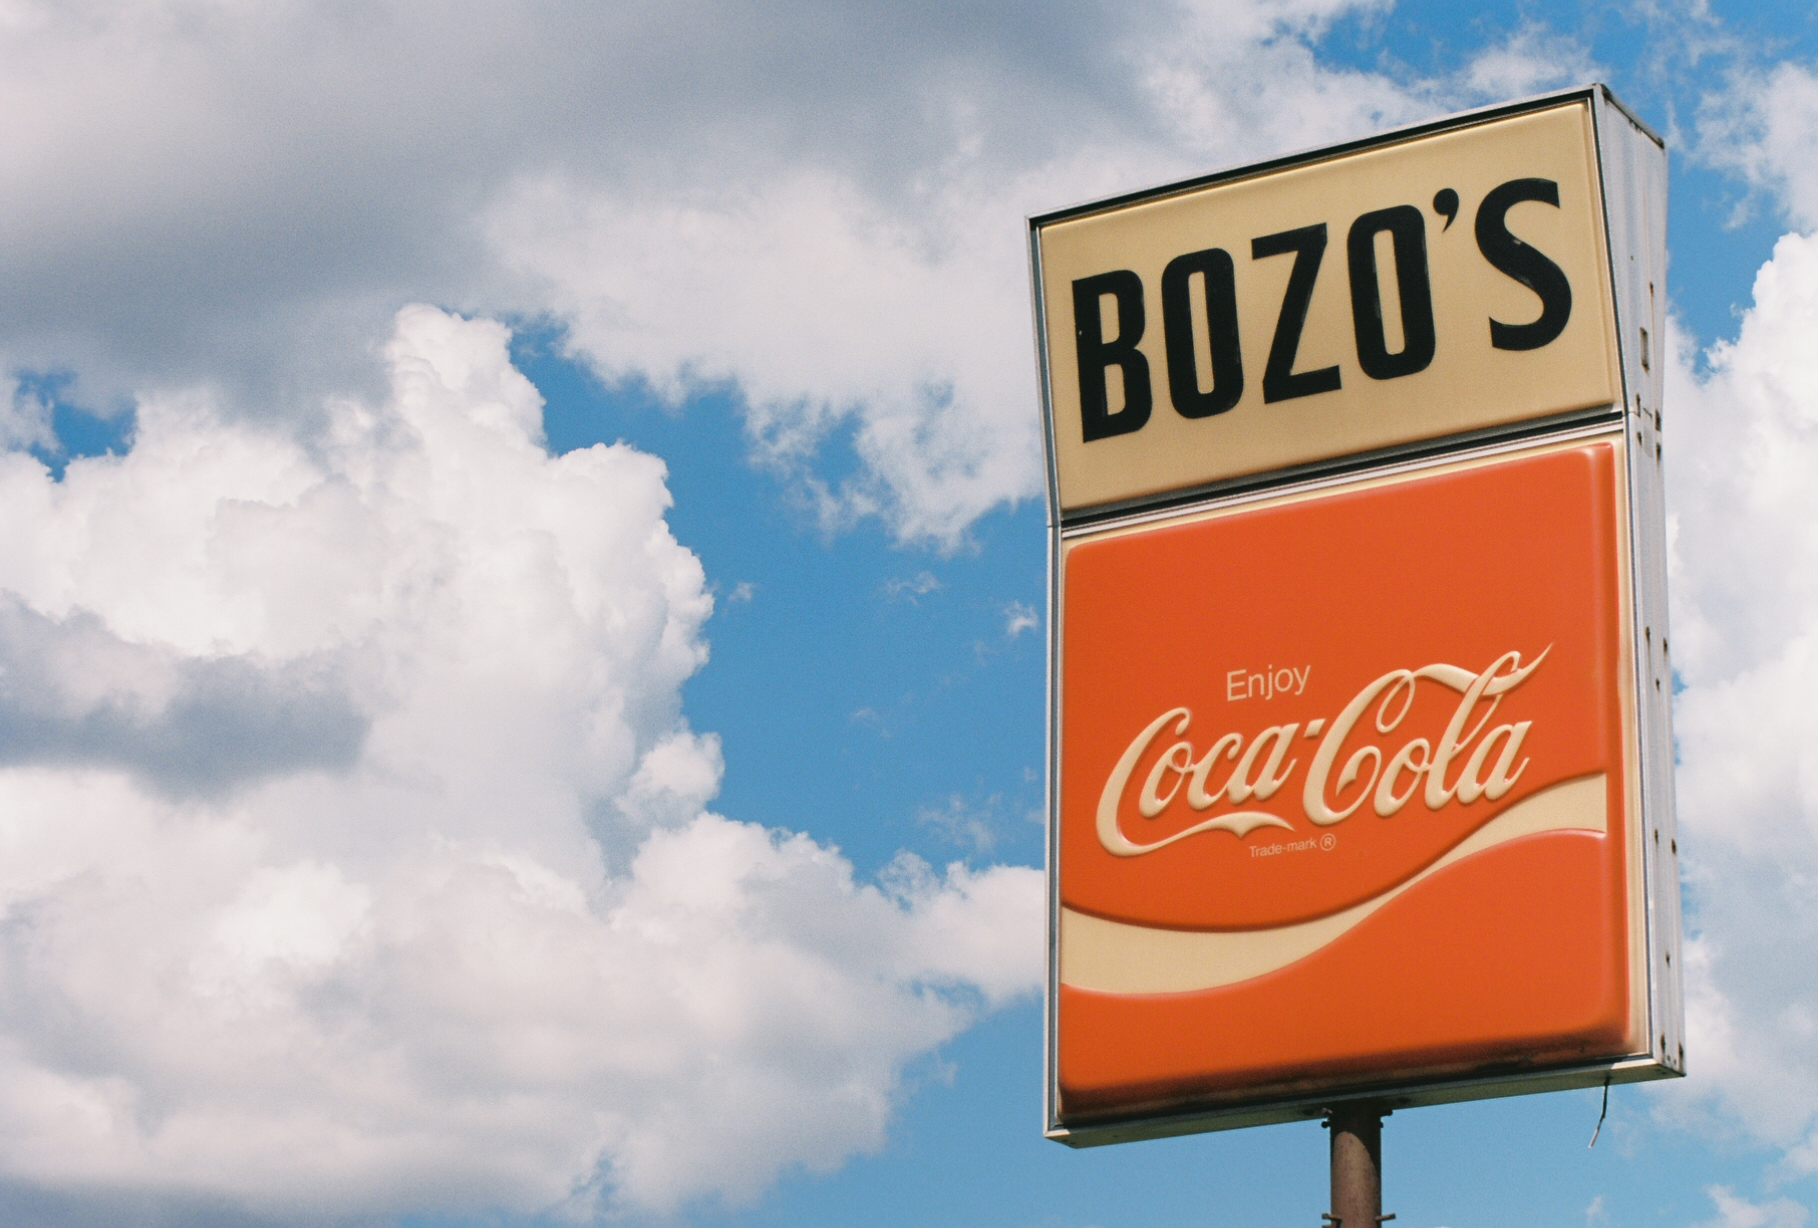 Bozo's